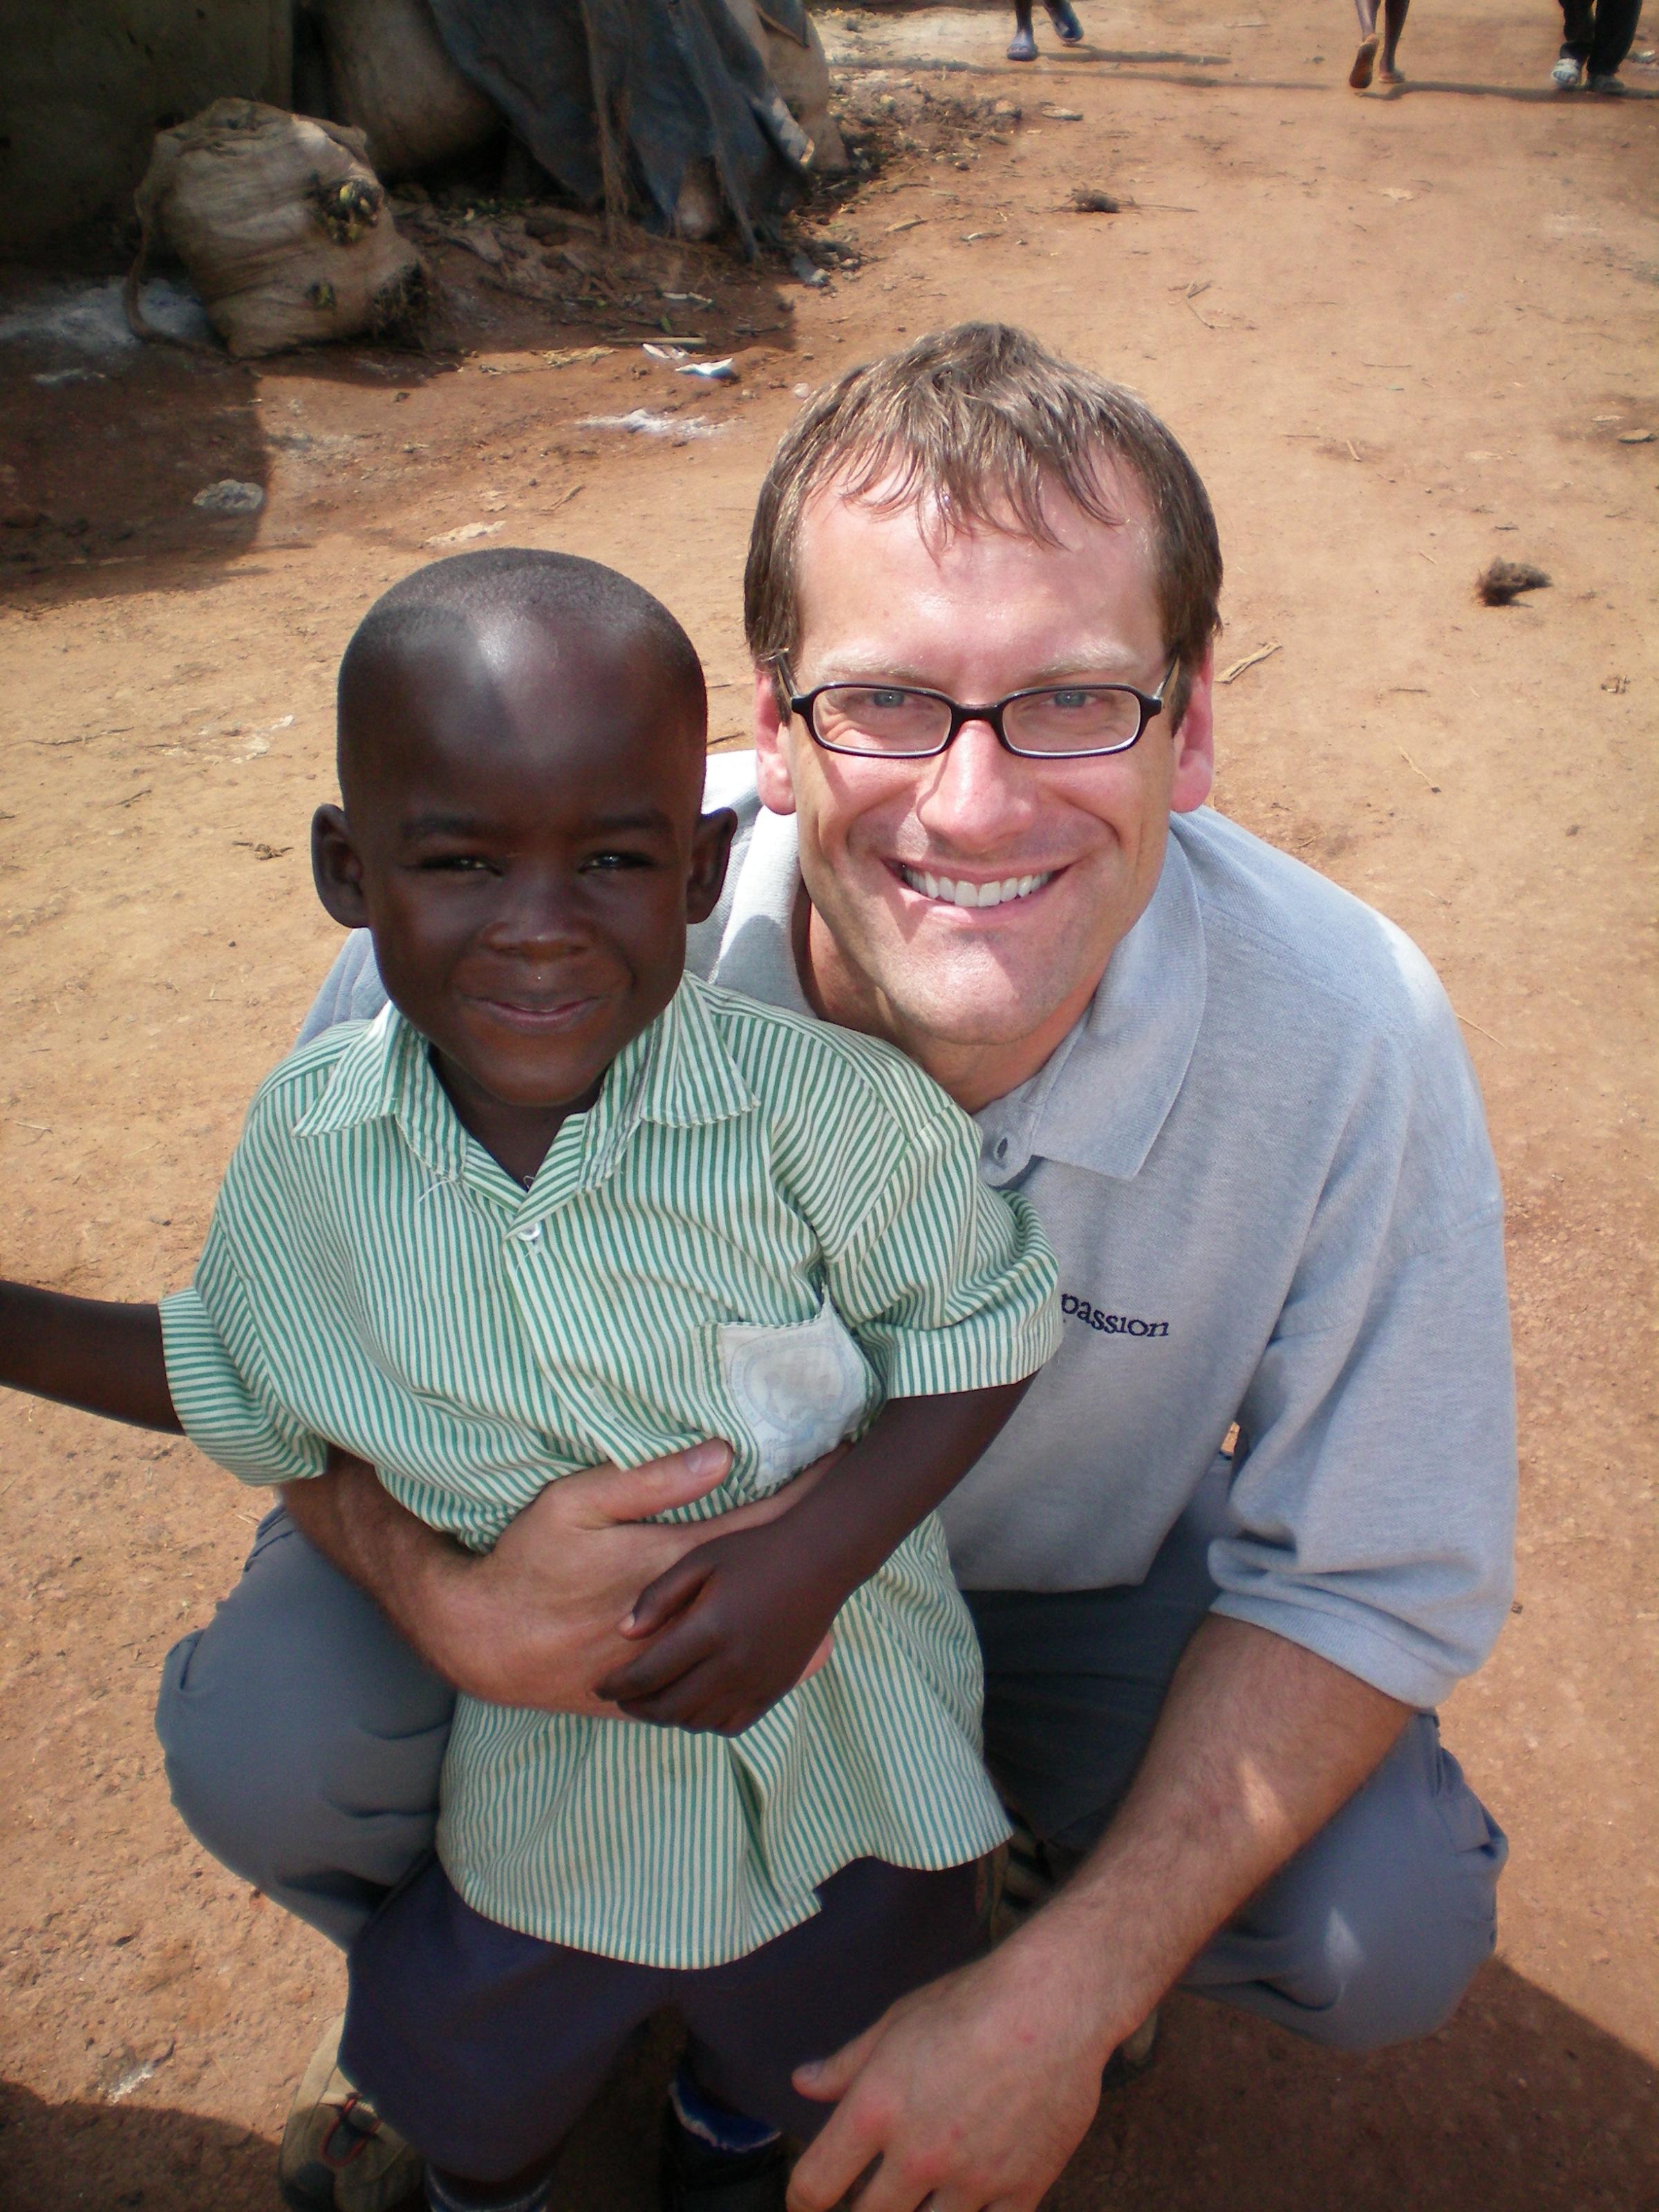 Stephen & Uganda Child